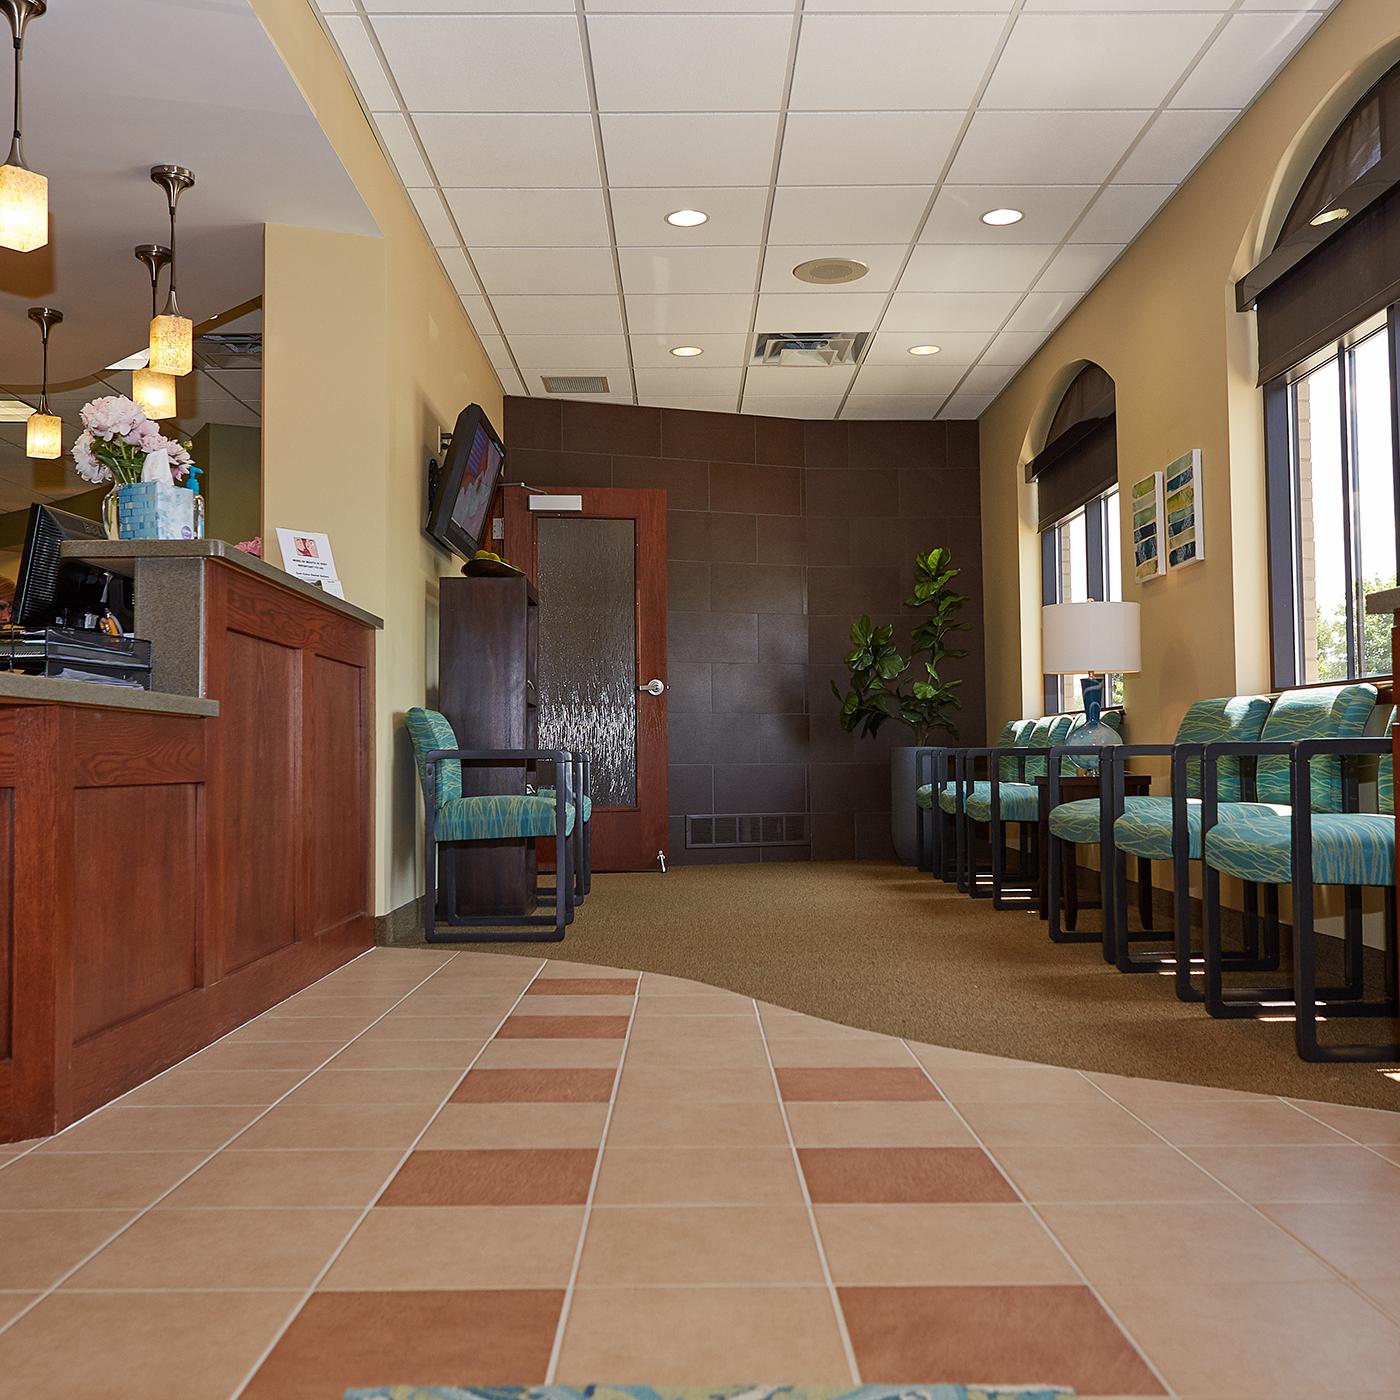 Klein Dentist Office in Grandville MI